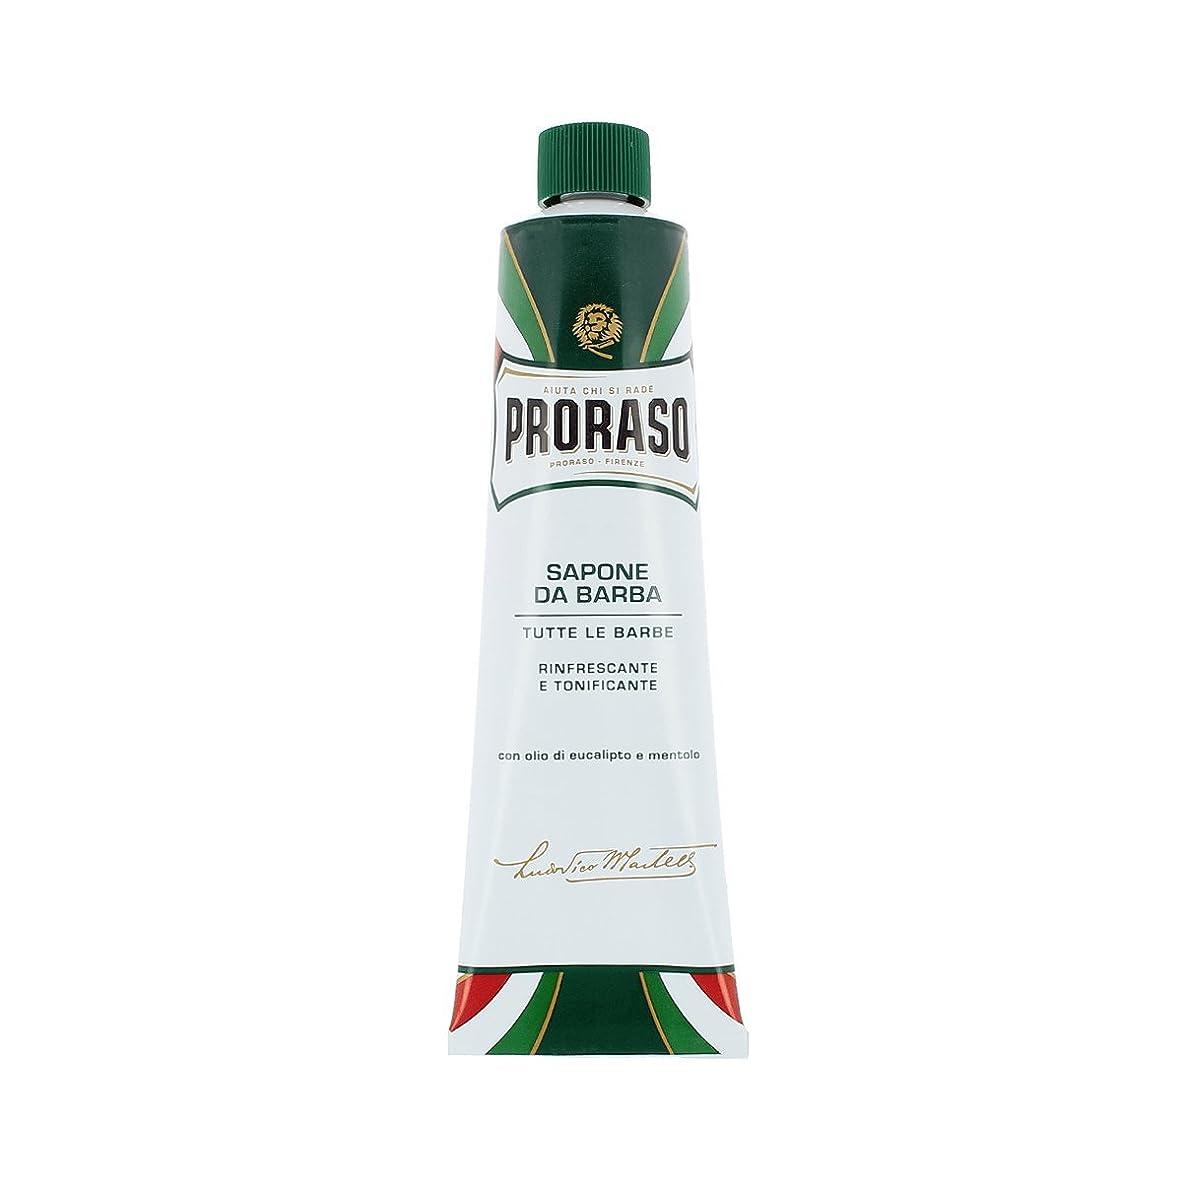 過半数スーパー対象Proraso イタリアン シェービングクリームチューブ ユーカリメンソール 150ml[海外直送品] [並行輸入品]